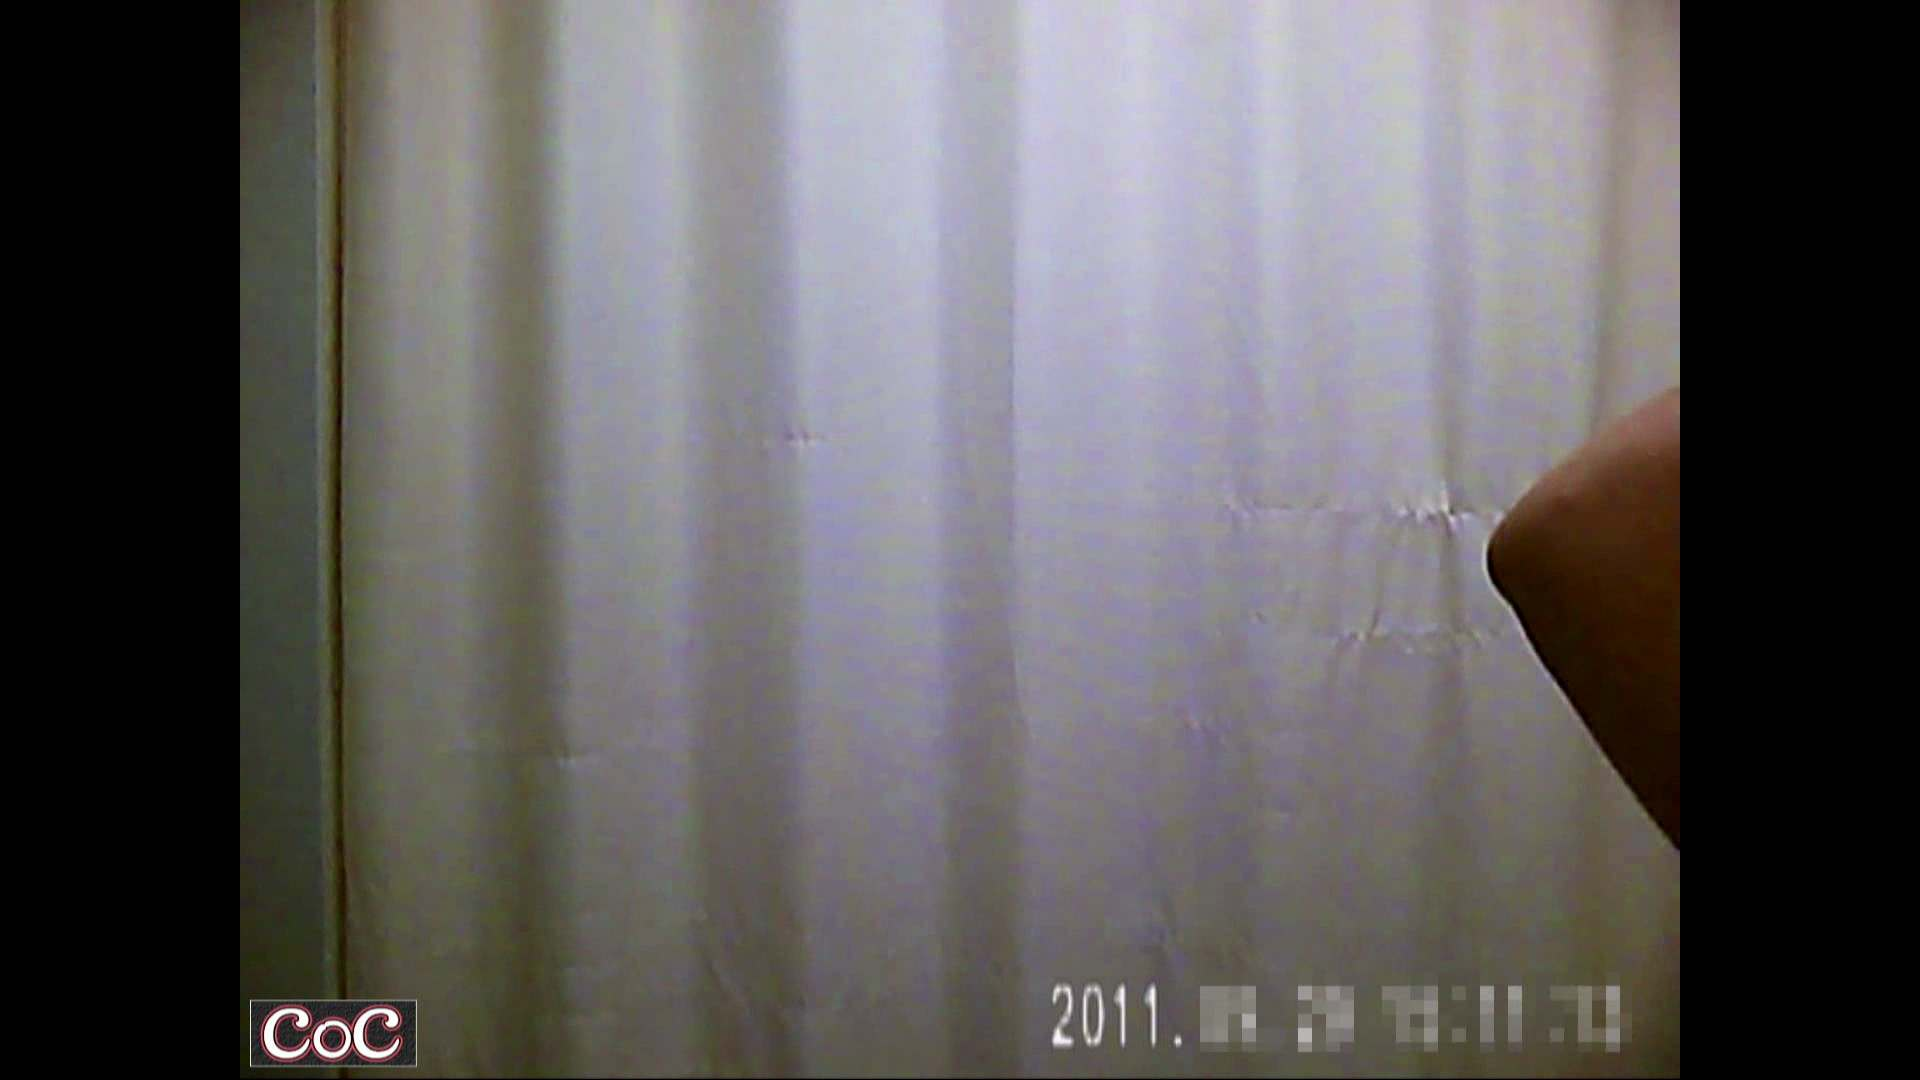 病院おもいっきり着替え! vol.45 盗撮 盗み撮り動画キャプチャ 93画像 73